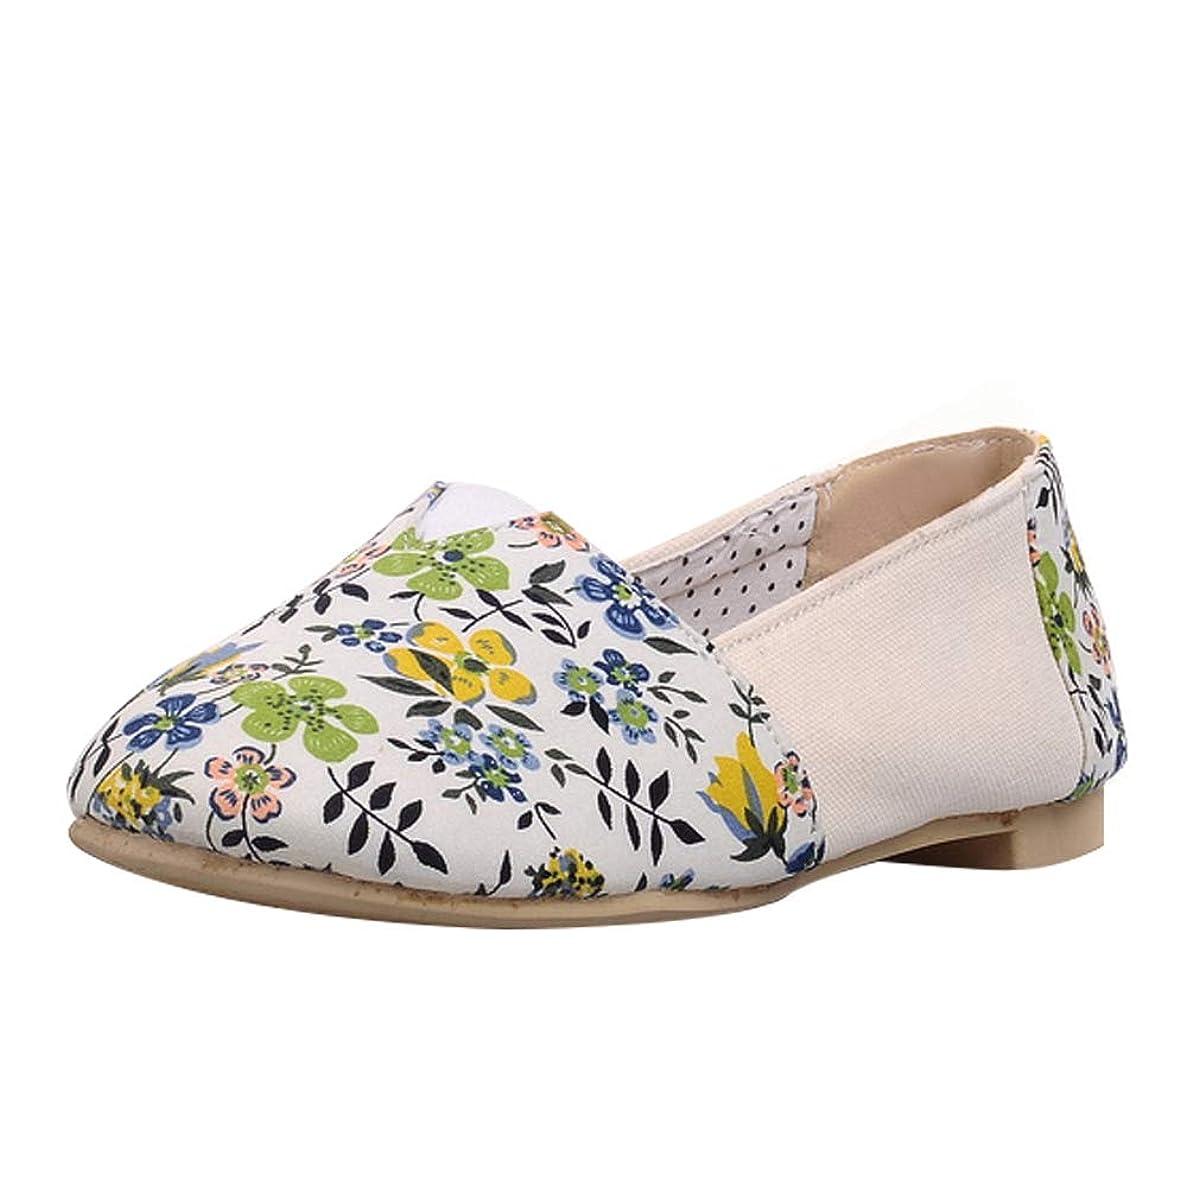 悲劇的な夕方ホールド[KITTCATT] 花柄 靴 レディース ローファーレディースおしゃれ スリッポン レディース 歩きやすい靴 レディース ペタンコ靴 滑らない靴